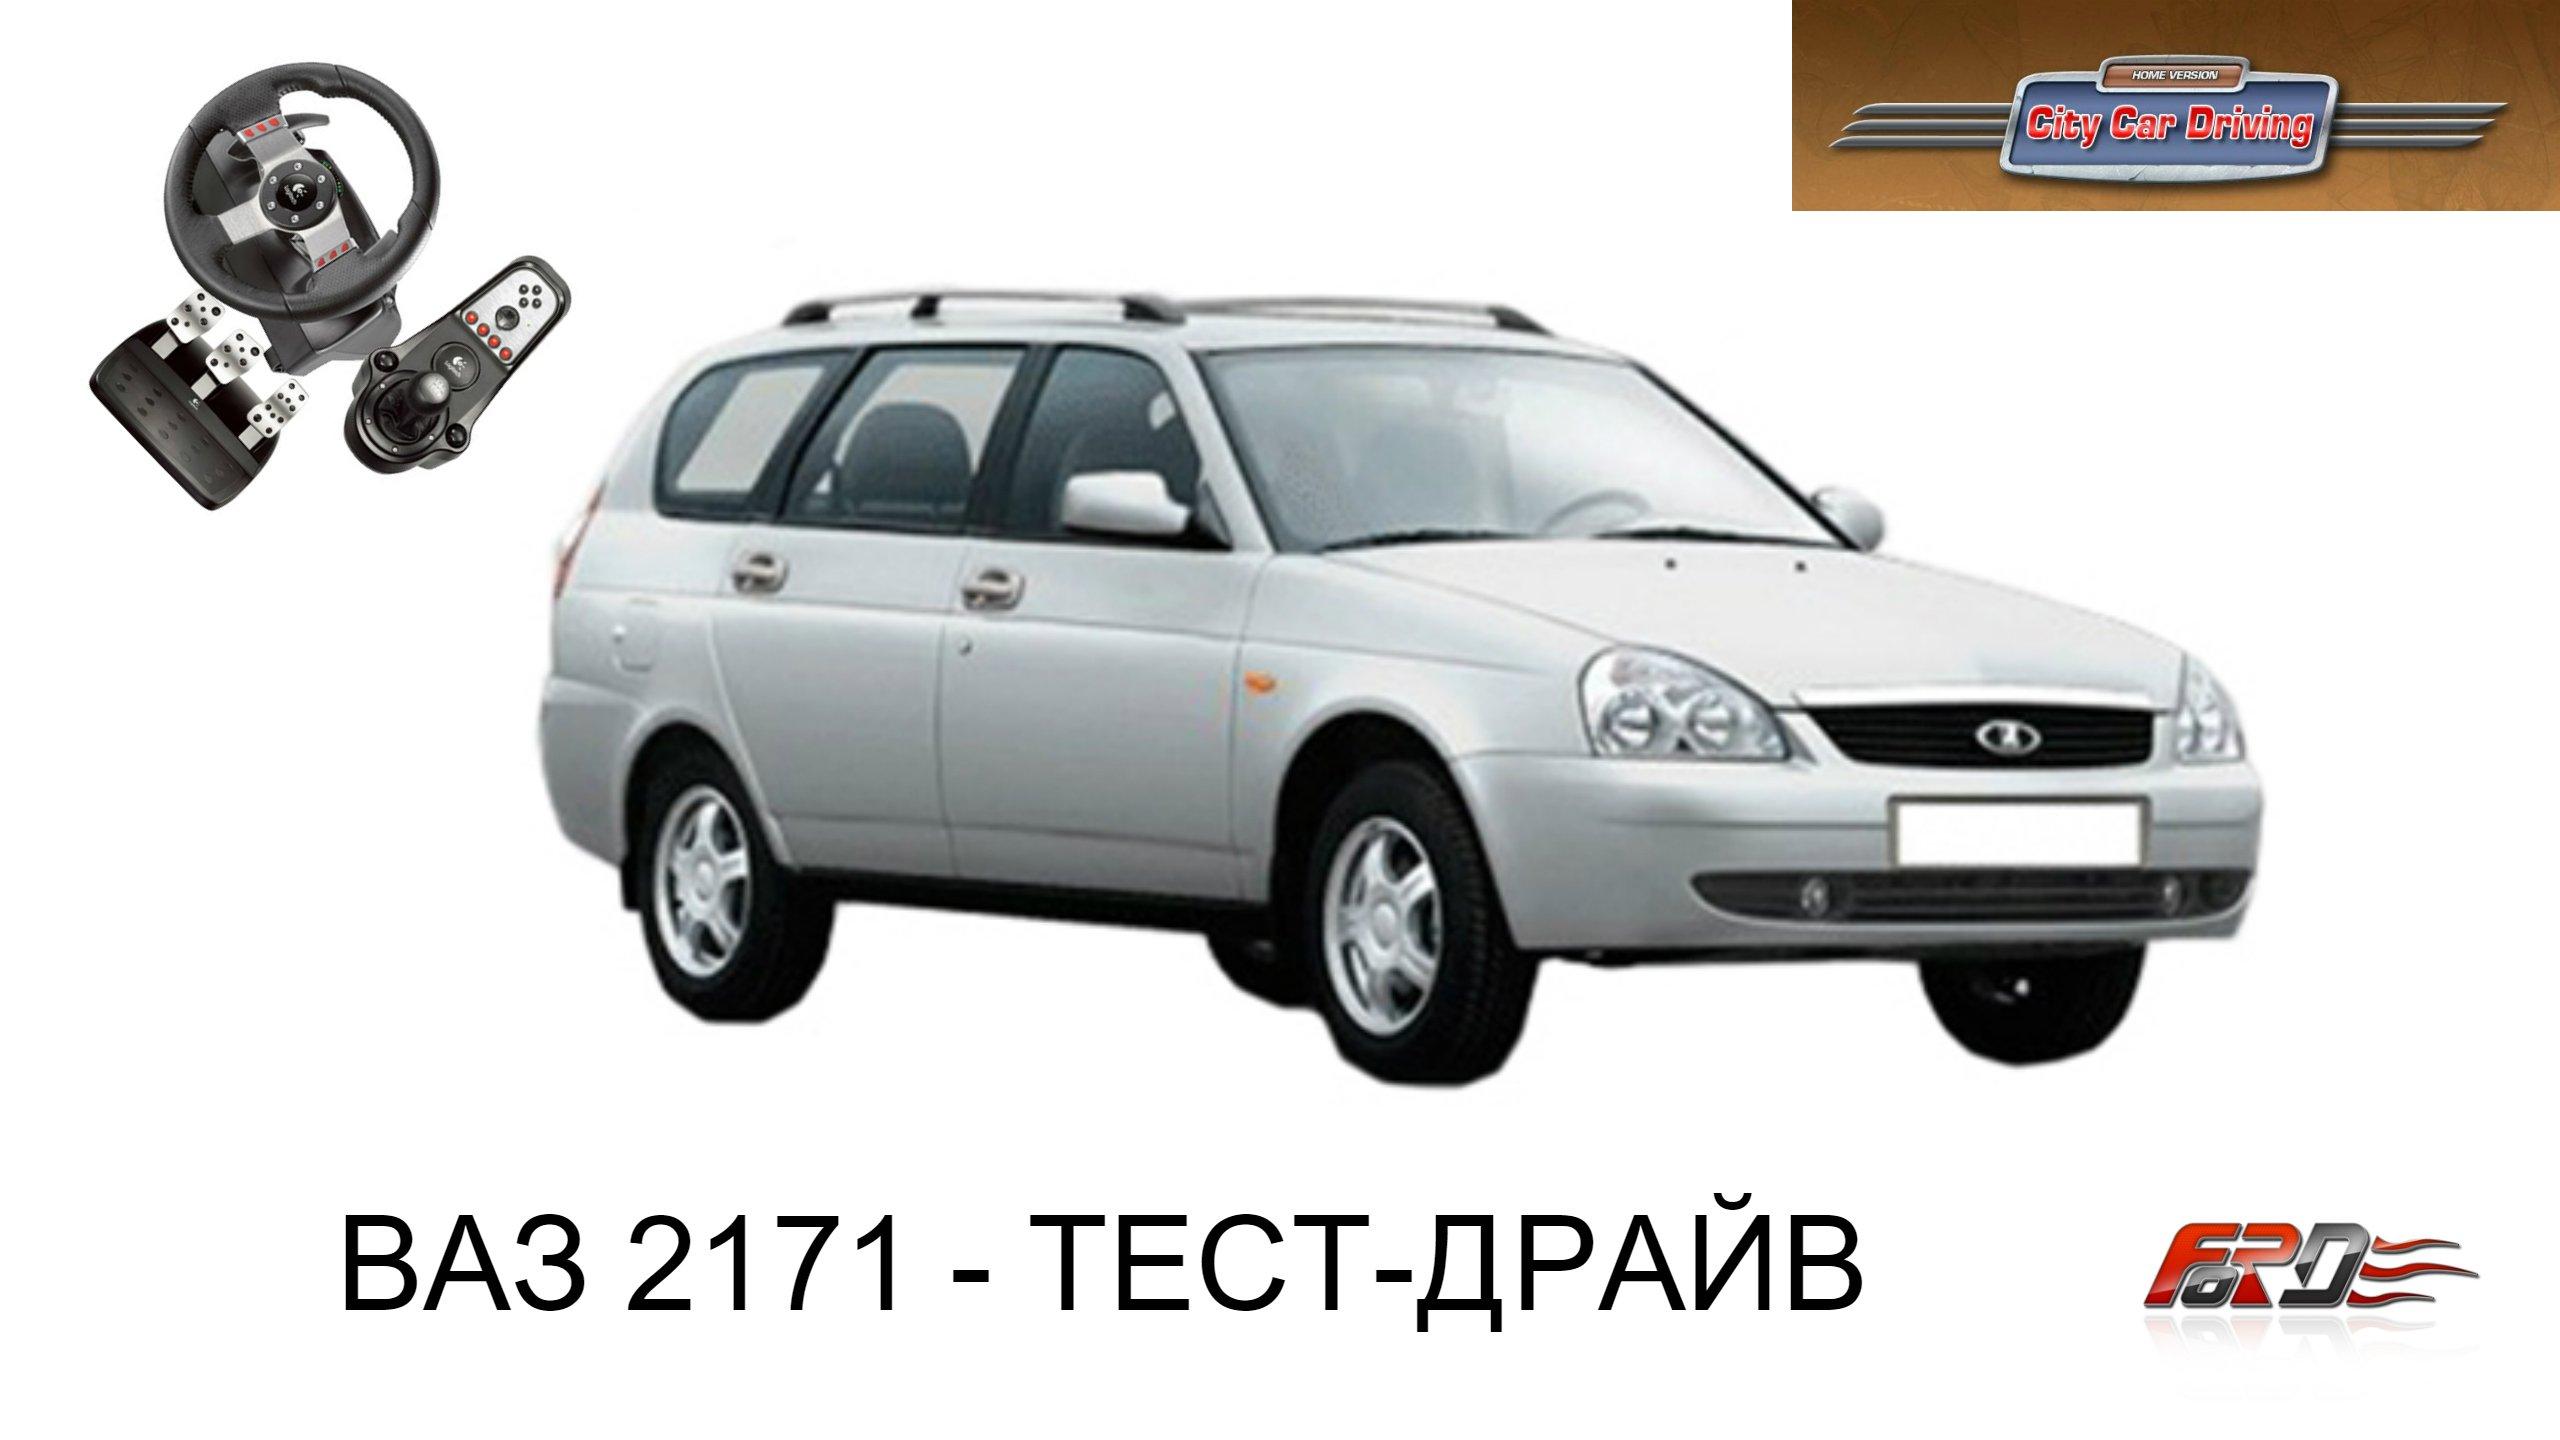 Lada Priora универсал, ВАЗ 2171 - тест-драйв, обзор народного универсала для дачи в City Car Driving - Изображение 1